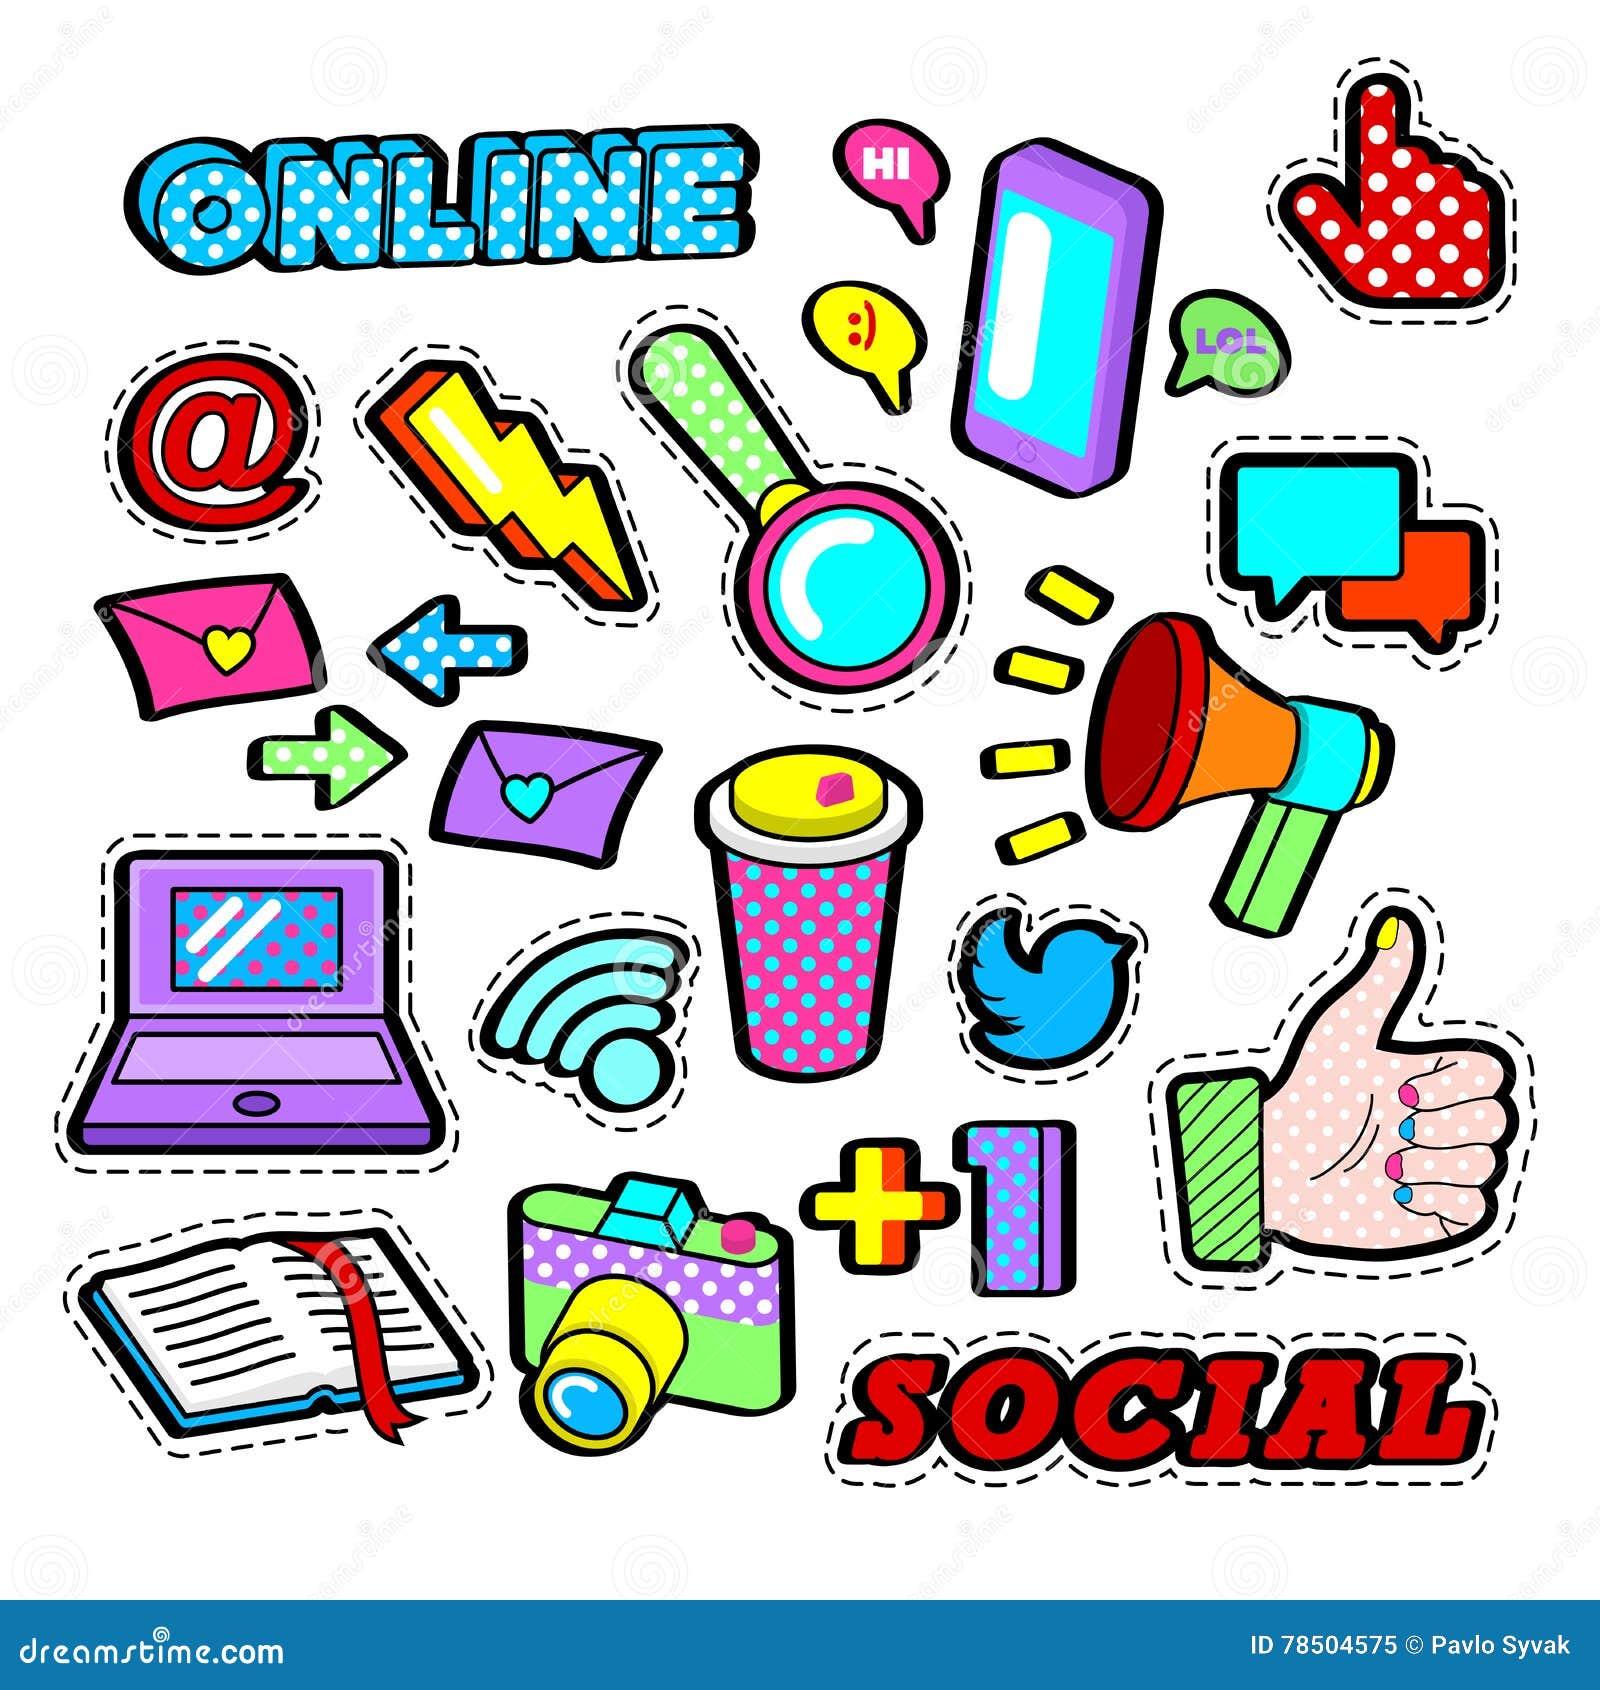 Arbeiten Sie Ausweise, Flecken, die Aufkleber um, die mit Elementen des Sozialen Netzes - Laptop, Megaphon im Knall Art Comic Sty